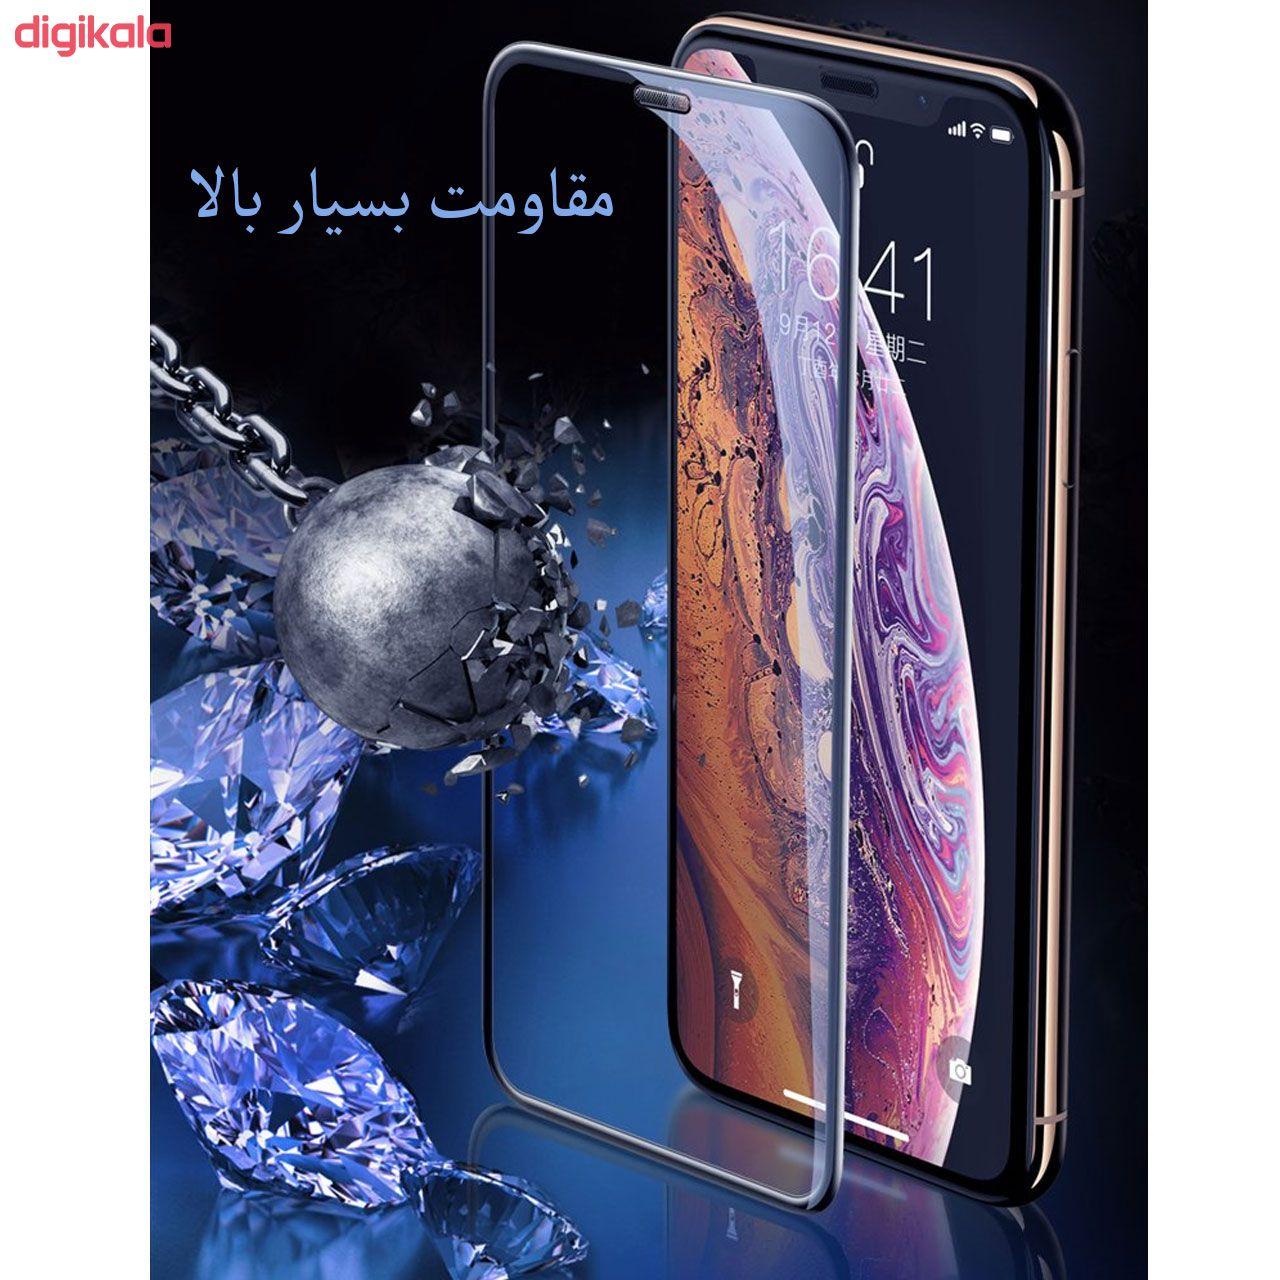 محافظ صفحه نمایش مدل FCG مناسب برای گوشی موبایل اپل iPhone 12 Pro بسته دو عددی main 1 12